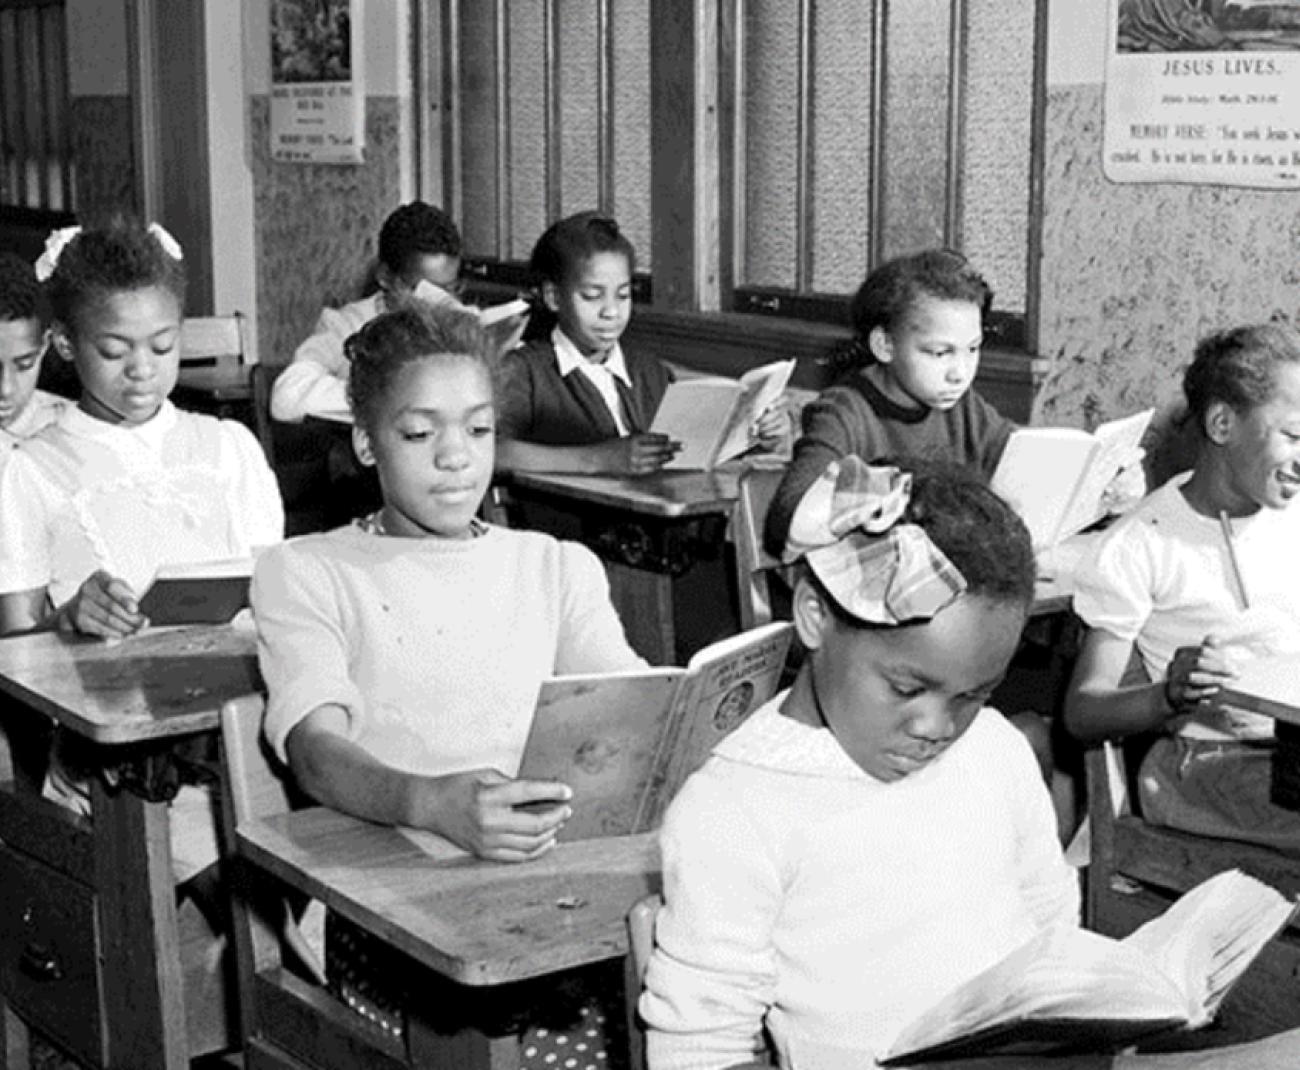 교실에서 학생의 흑백 사진